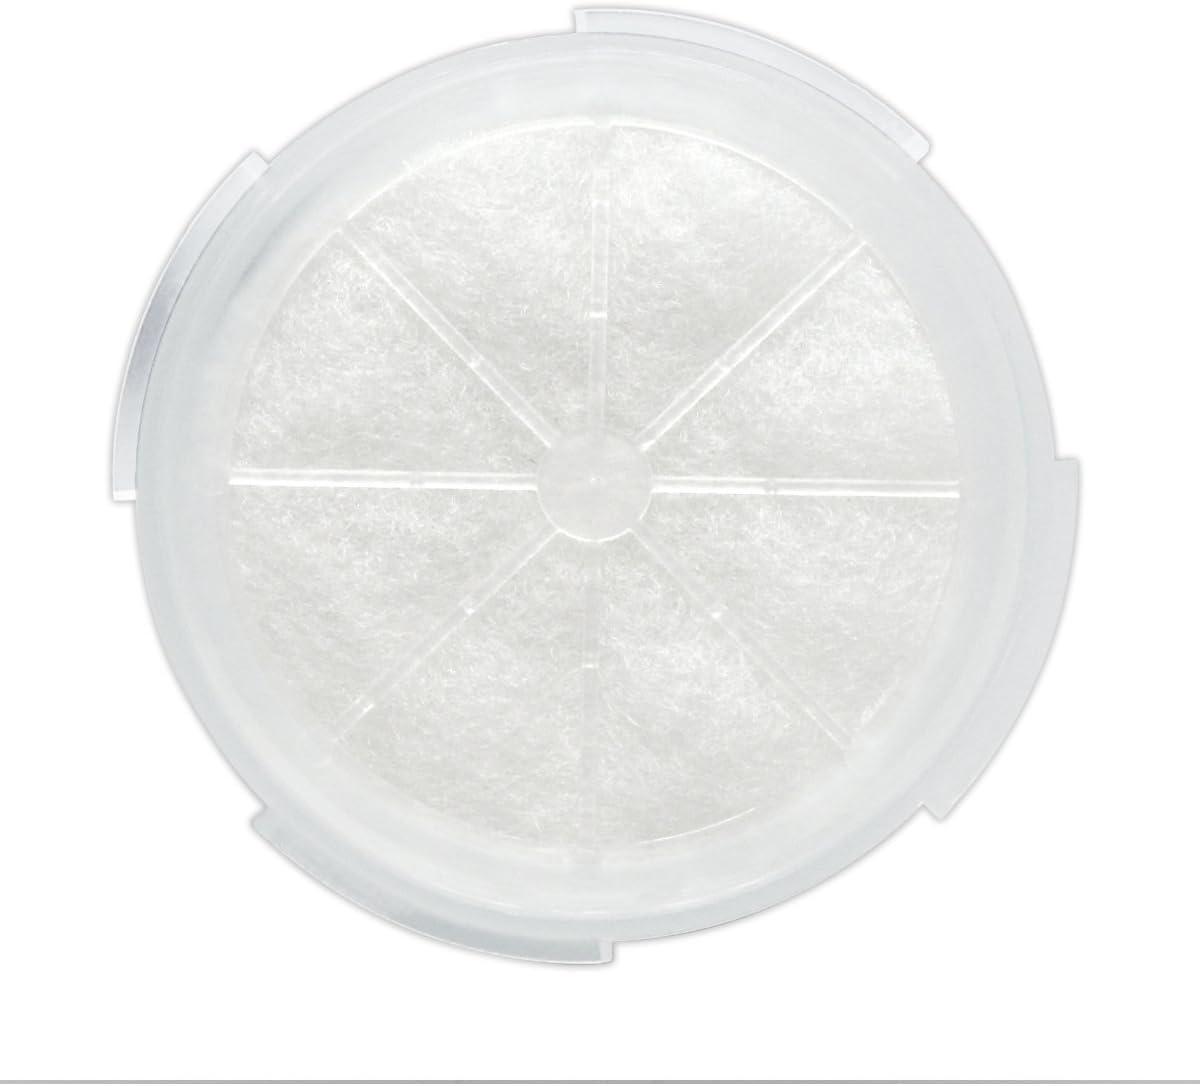 REXEL 2104400 Difusor de aromas para purificador de aire ACTIVITA